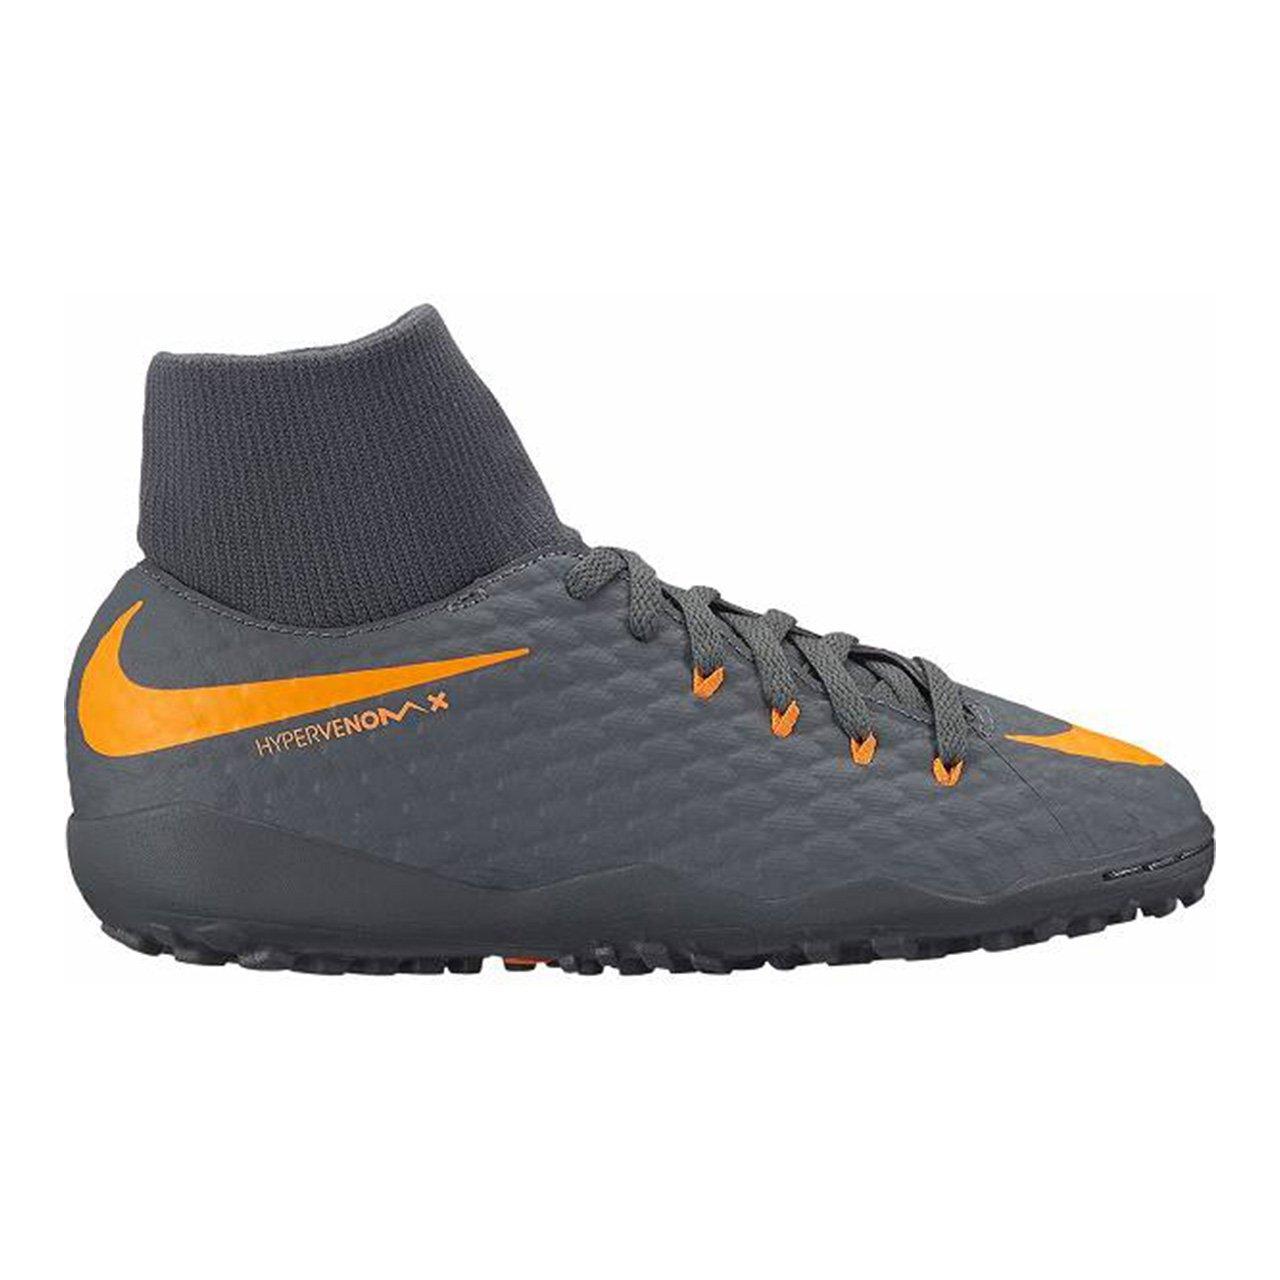 Nike Hypervenom Phantom X III Academy DF TF Junior Grau/Schwarz